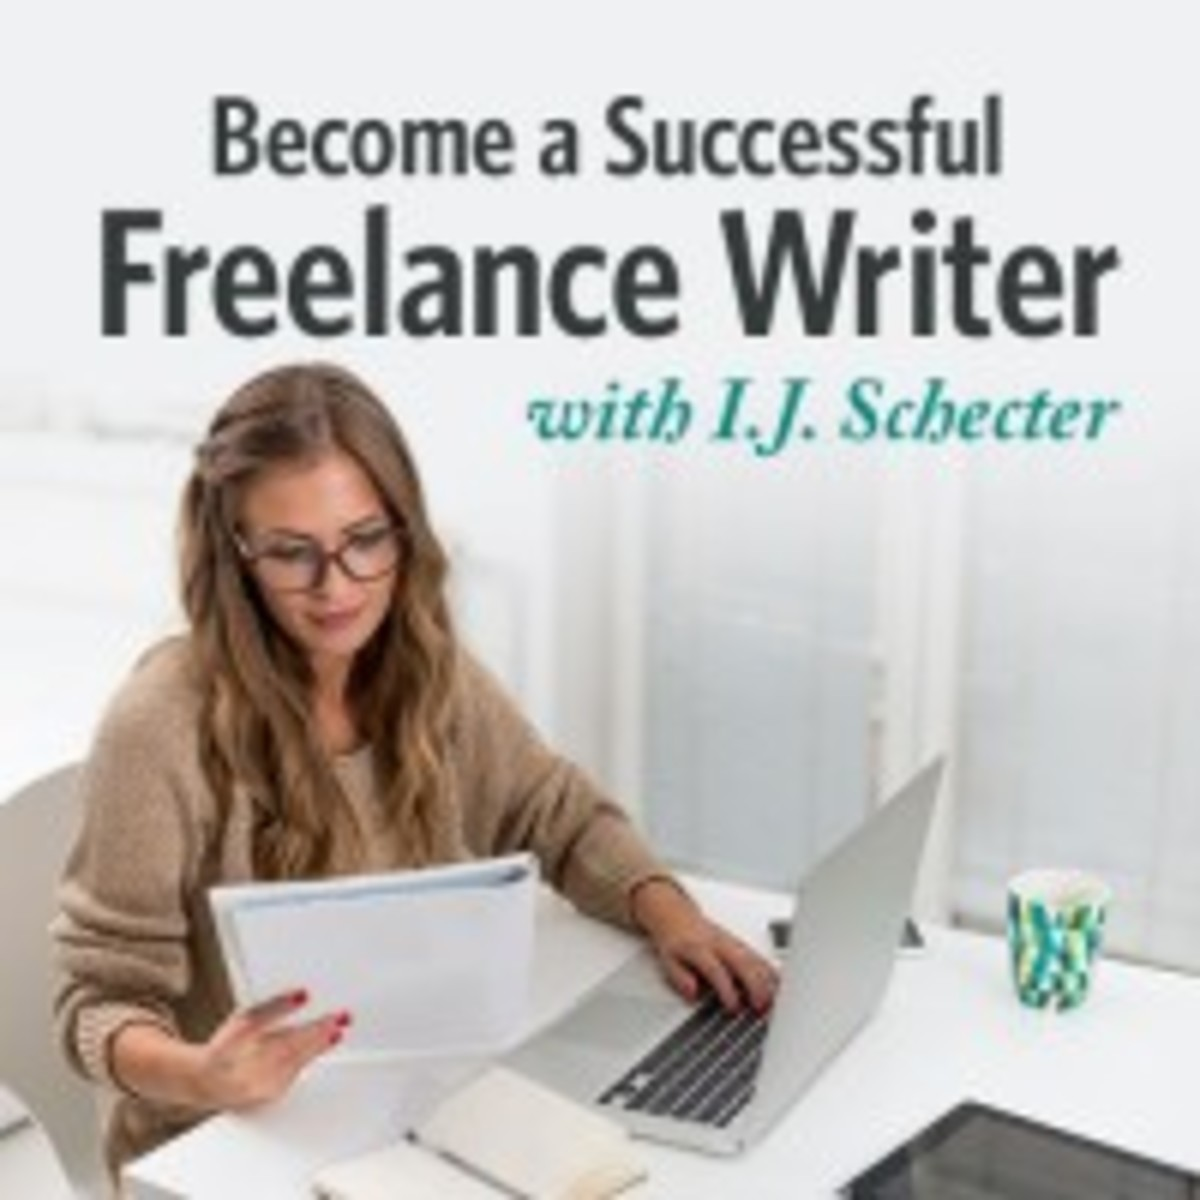 wd-freelancewriter-schecter-500